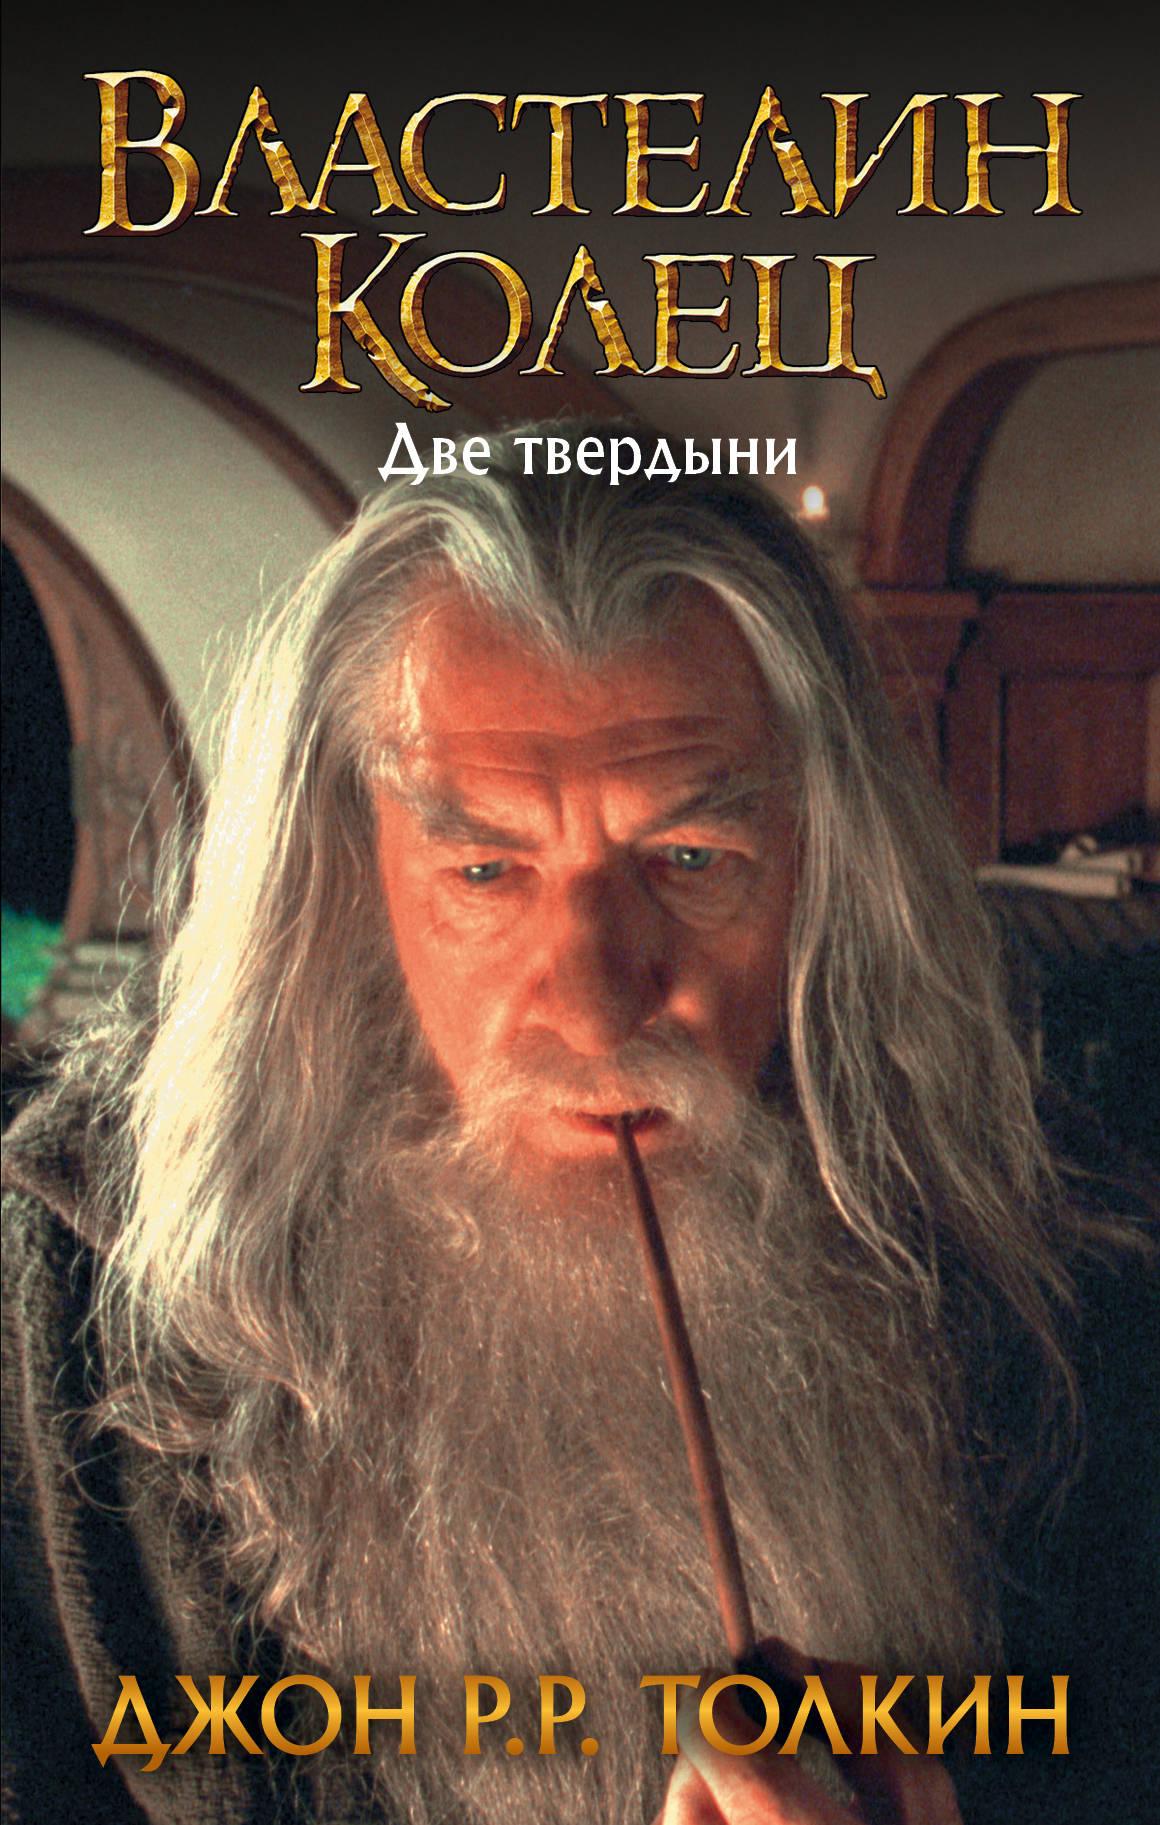 Джон Р. Р. Толкин Властелин Колец. Две твердыни органный мир фэнтези хогвартс и властелин колец 2018 12 29t15 00